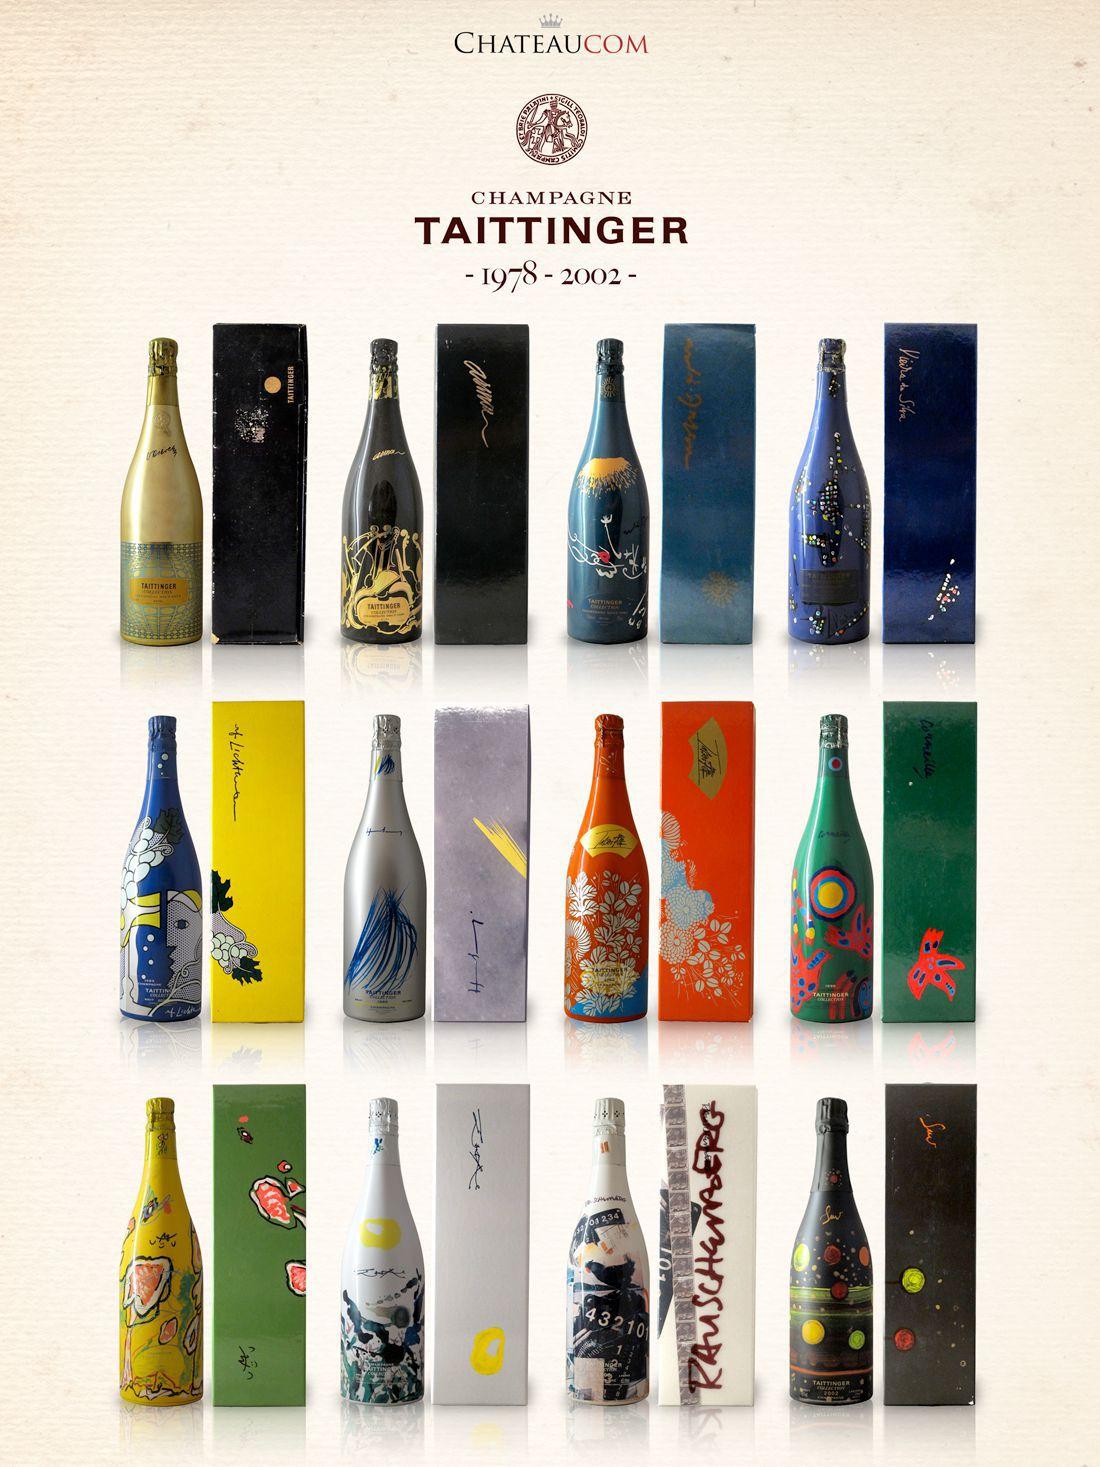 Collection Taittinger 1978-2002